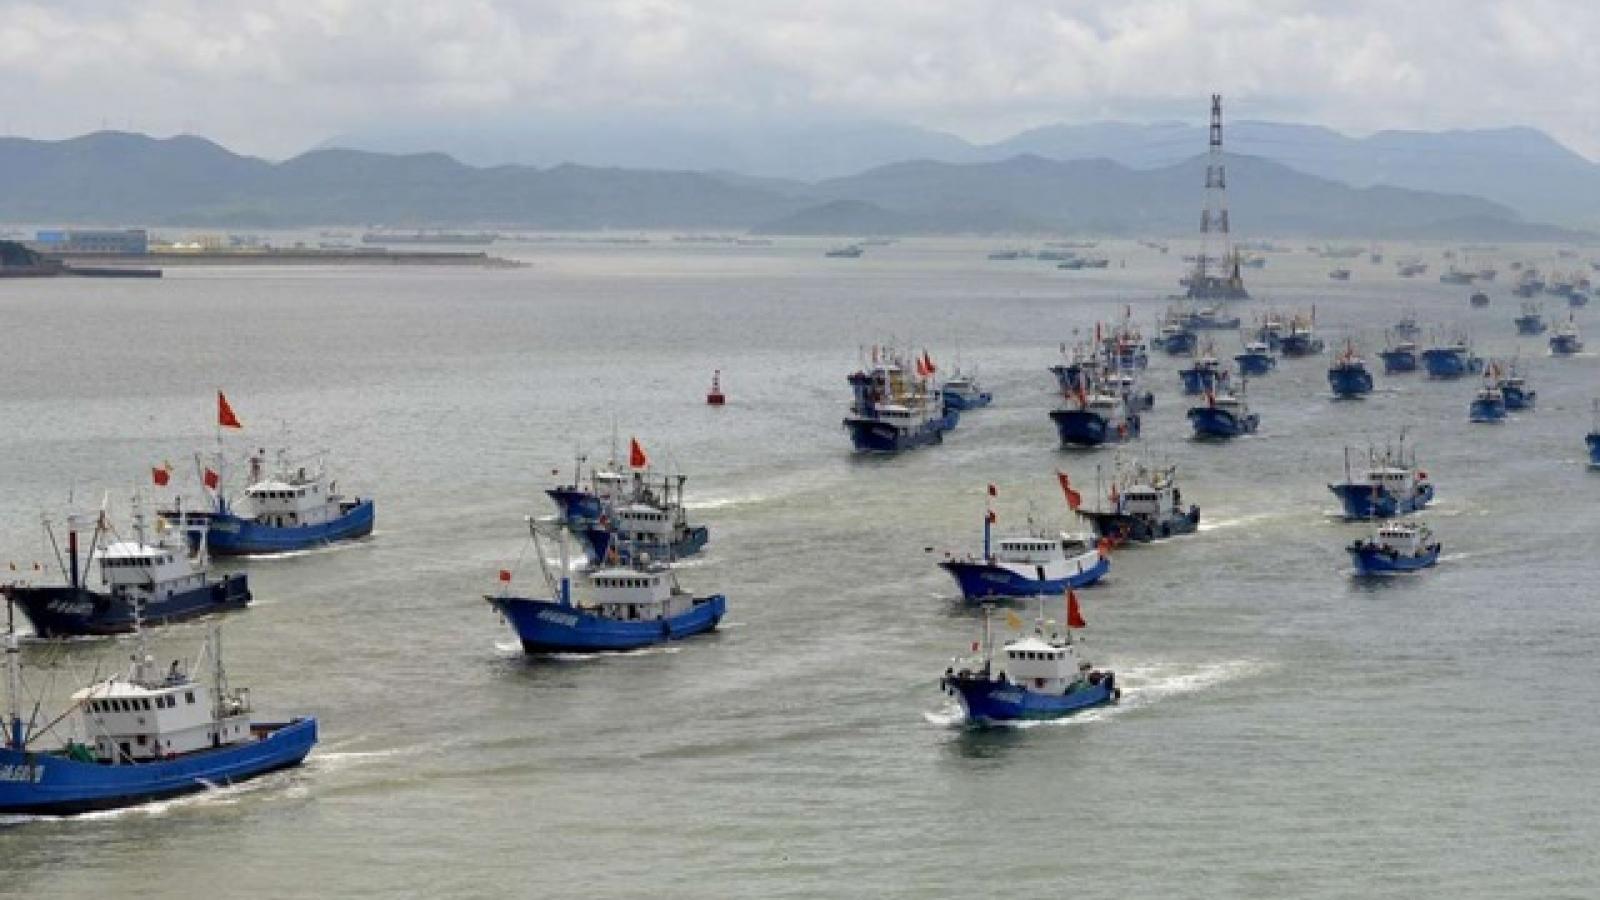 Ủy ban Đối ngoại Thượng viện Mỹ thúc đẩy dự luật trừng phạt Trung Quốc ở Biển Đông